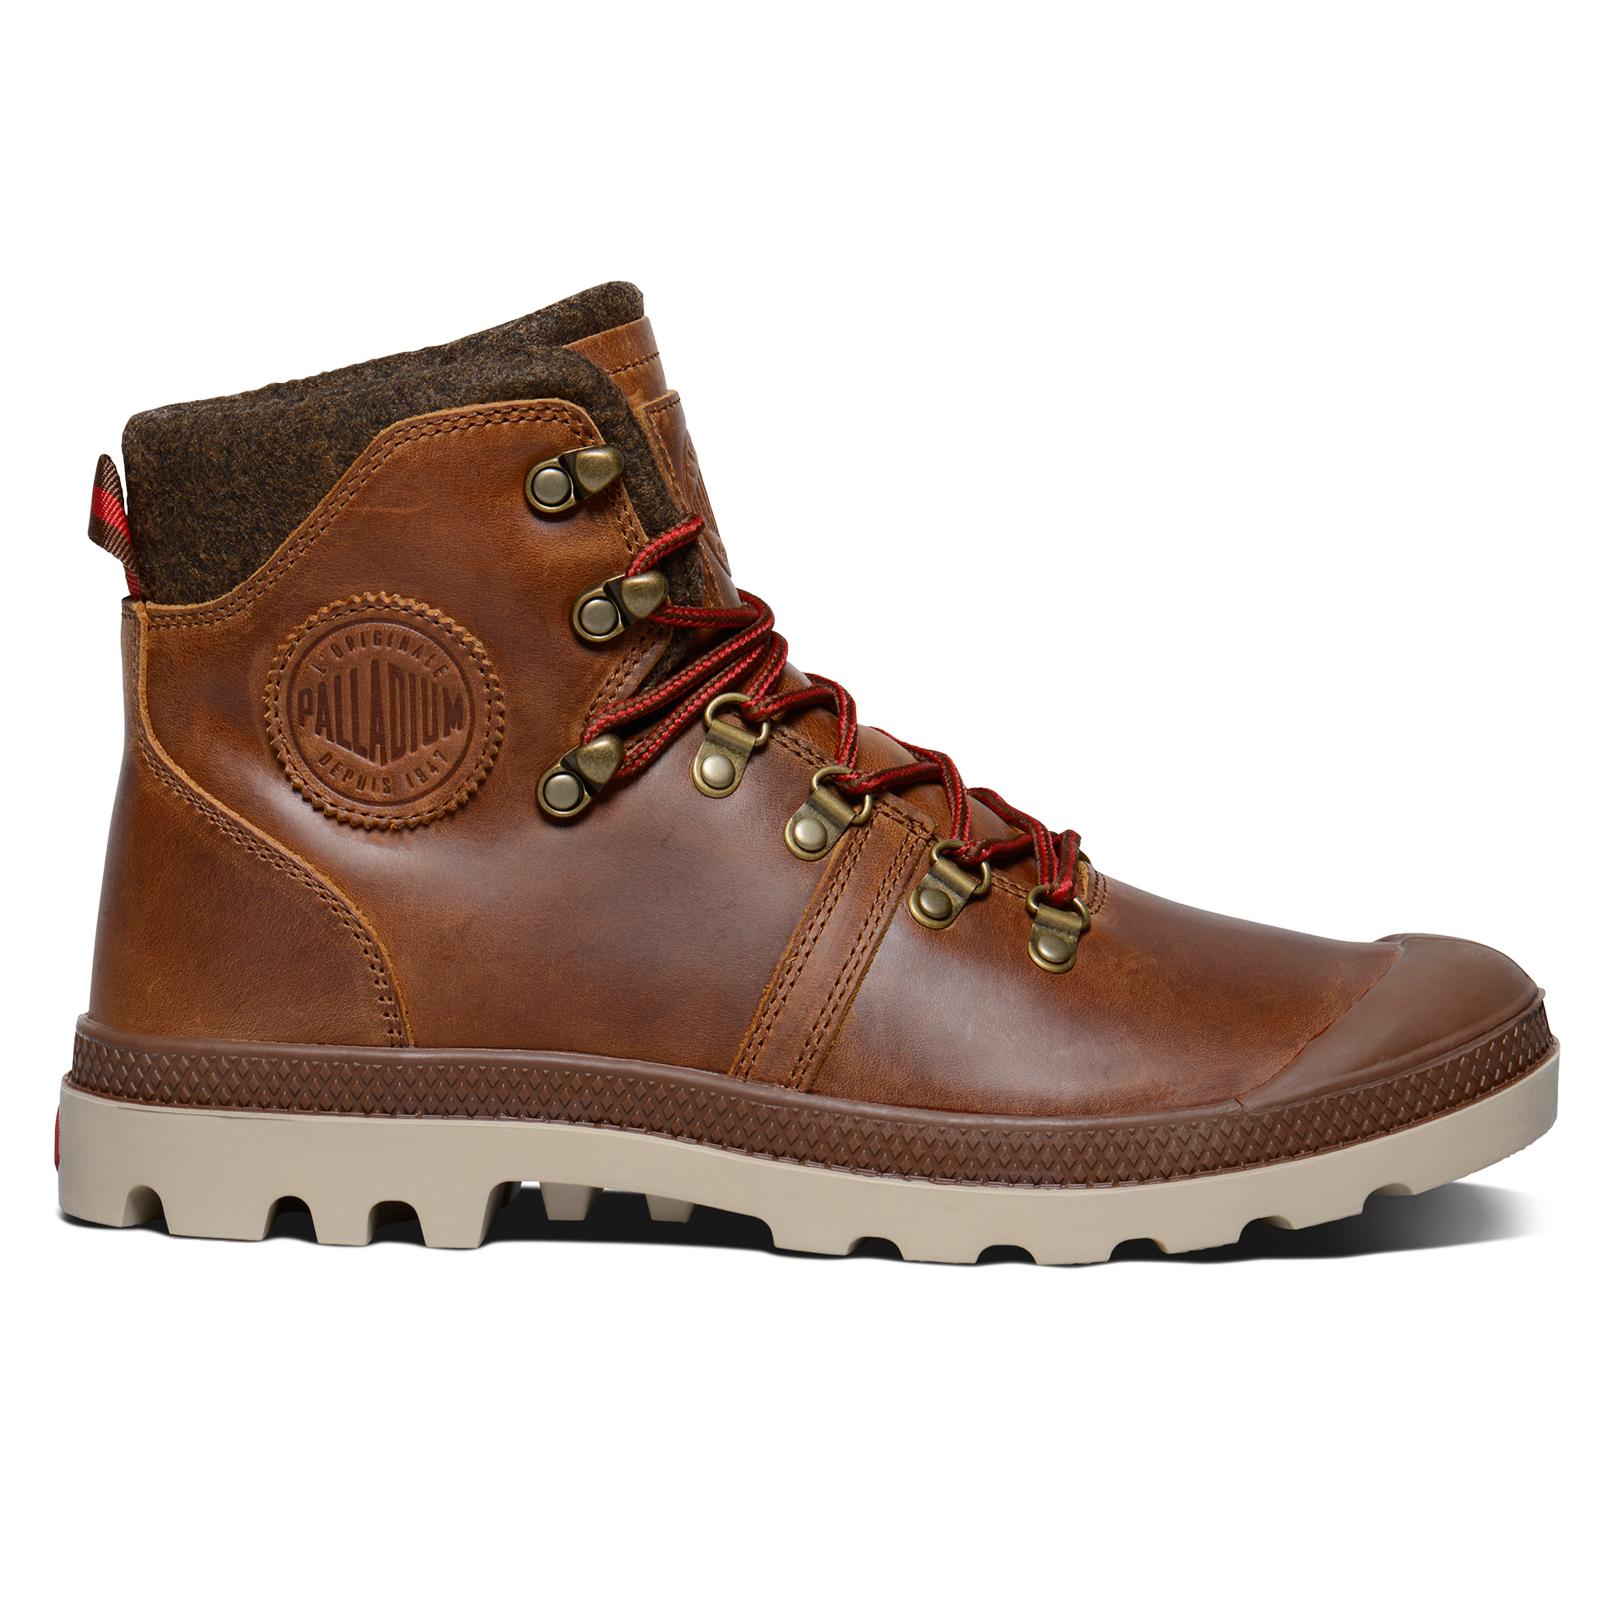 Botas para excursionista Palladium para hombre Pallabrouse Diseñador Fieltro De Fieltro Diseñador Acolchado Cuero Calzado Para Caminar fb67da